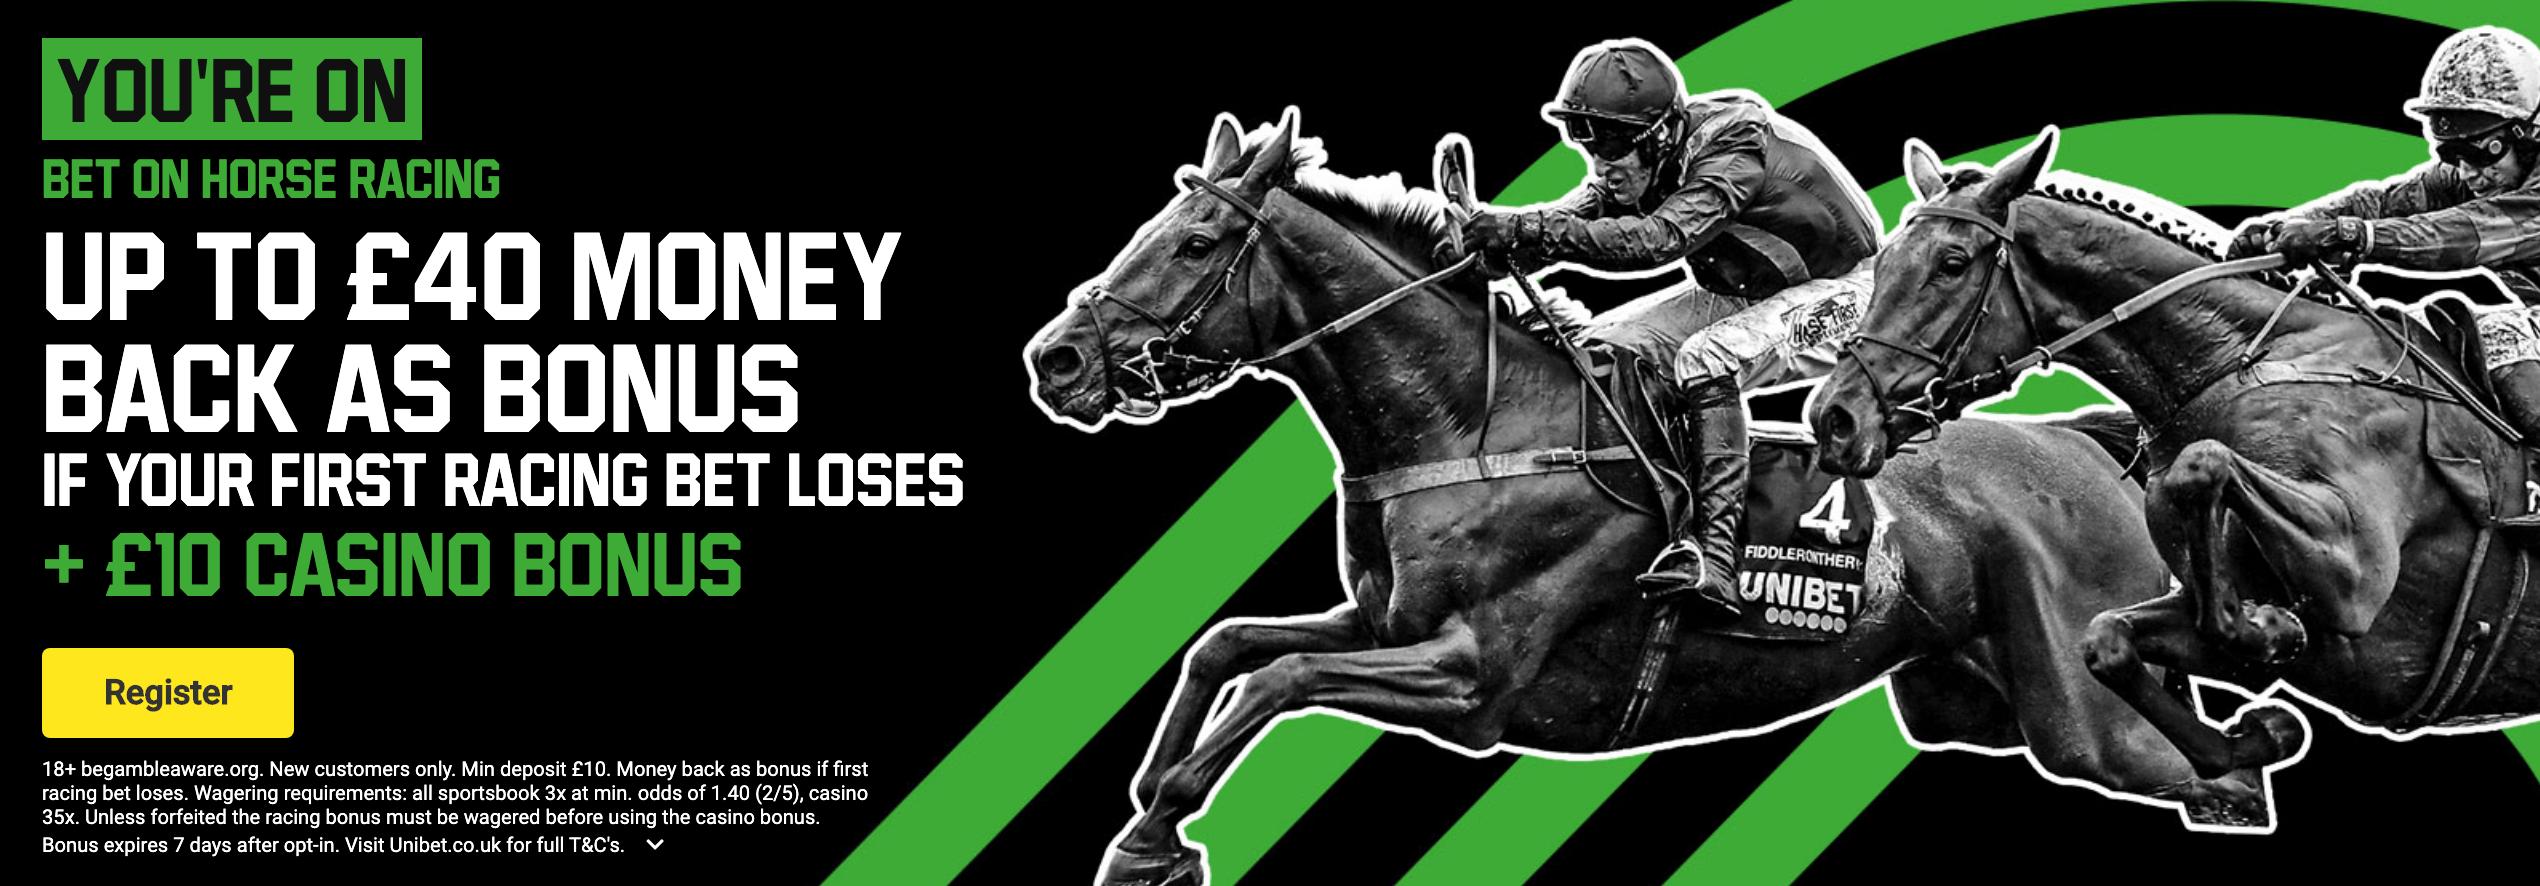 Unibet Horse Racing Offer